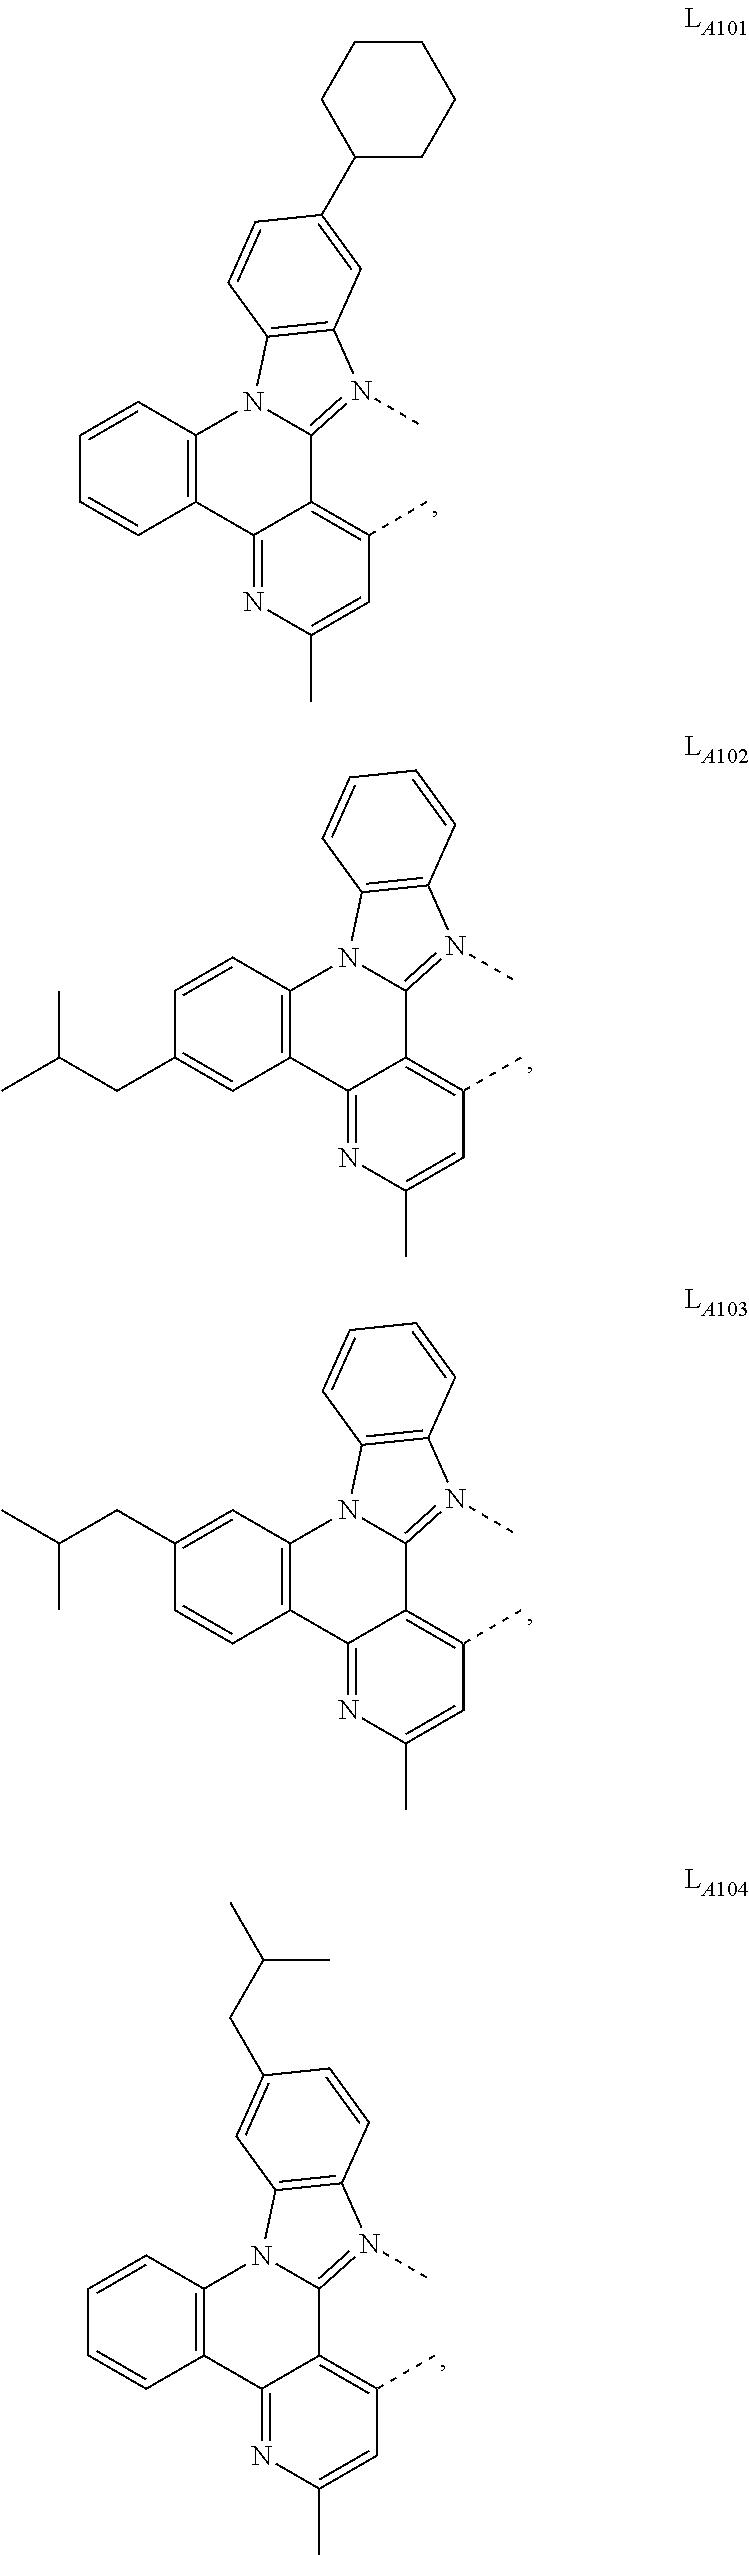 Figure US09905785-20180227-C00446